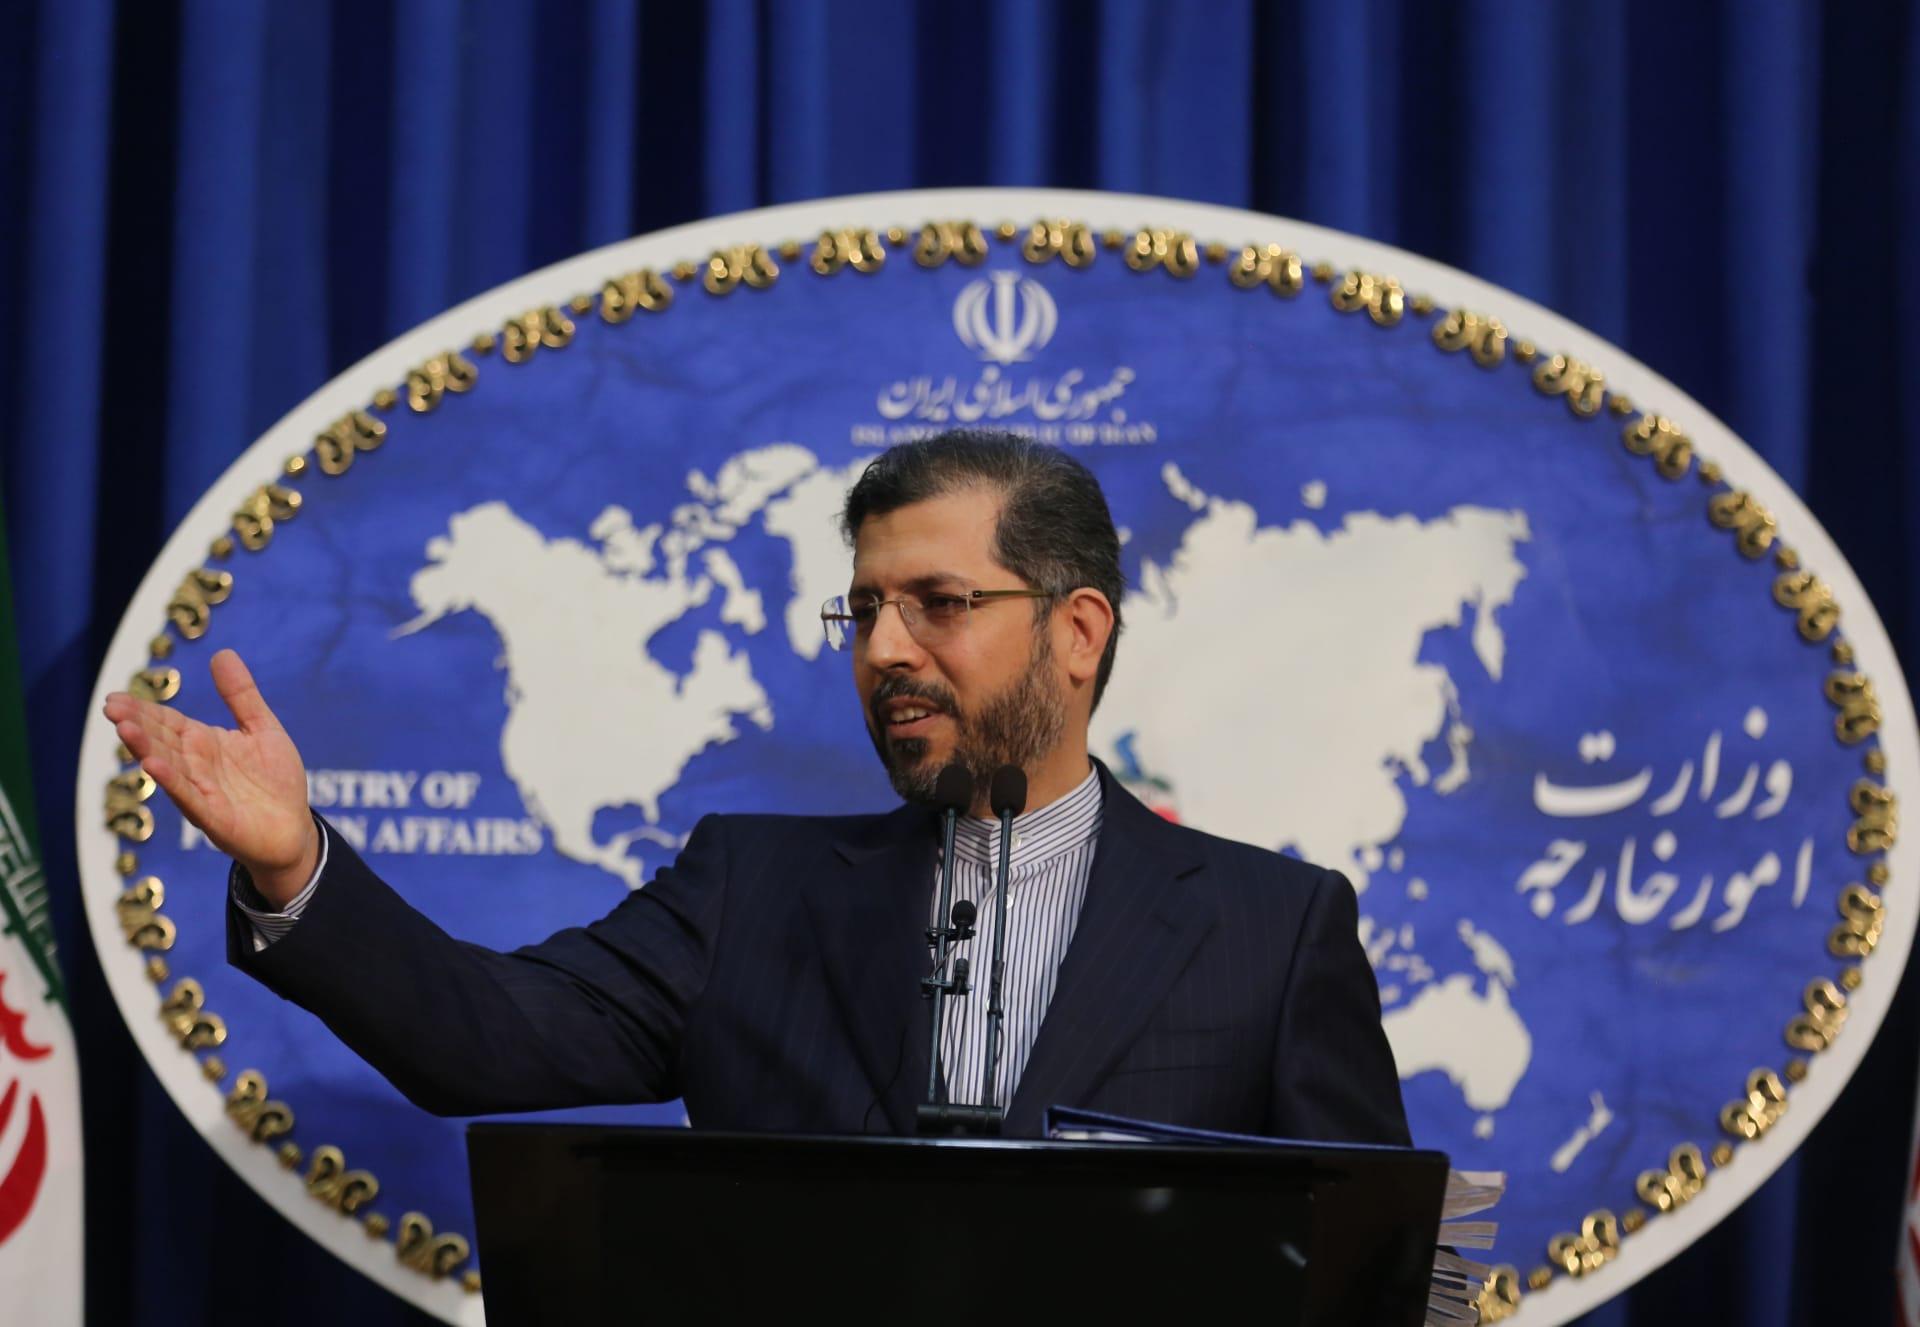 المتحدث باسم الخارجية الإيرانية سعيد خطيب زادة